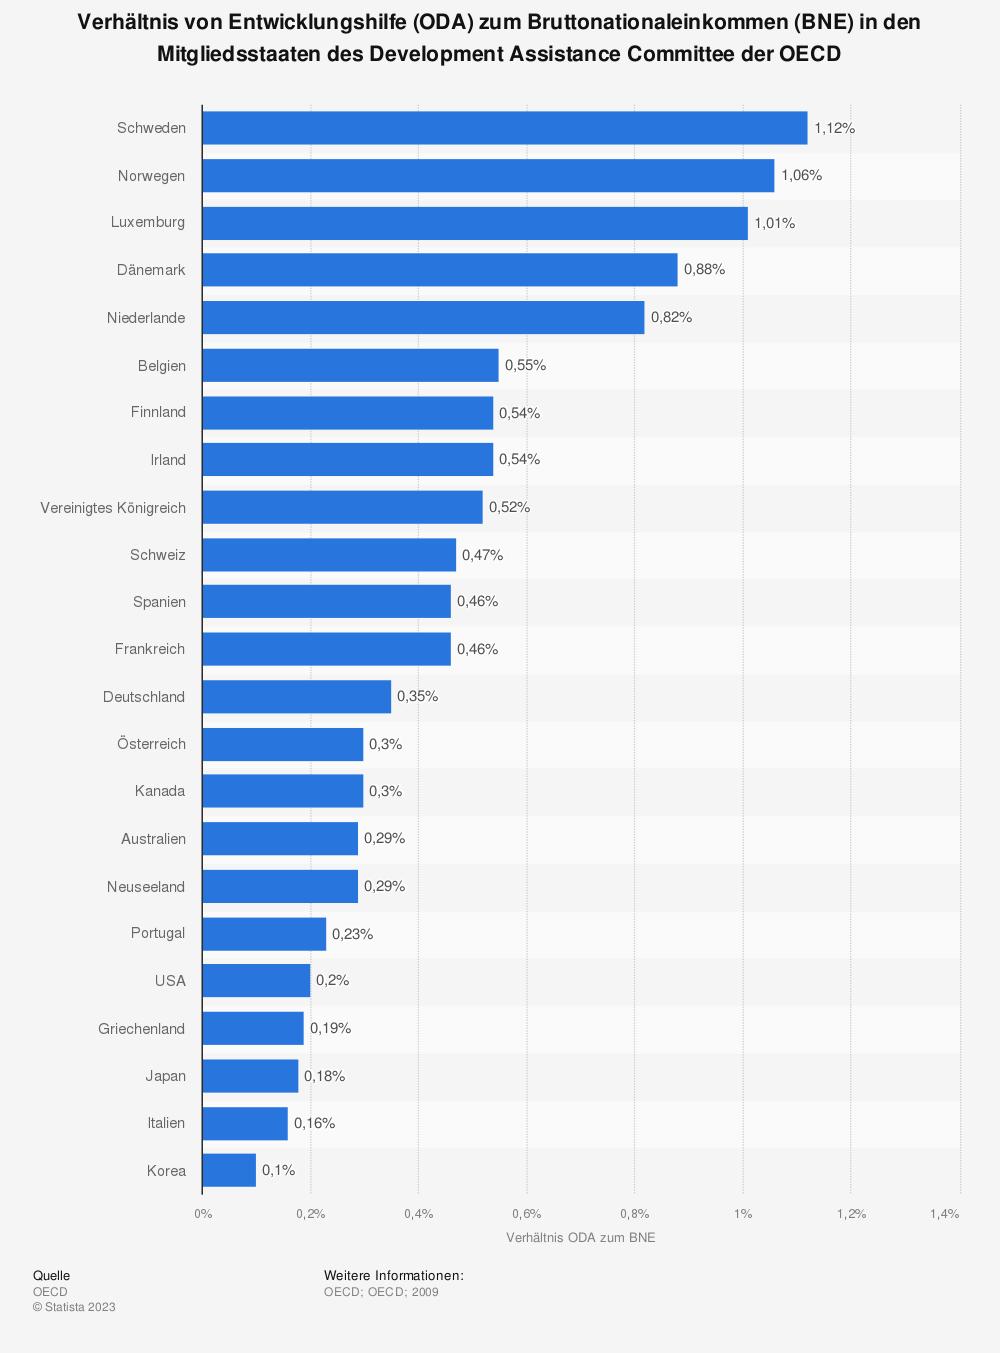 Statistik: Verhältnis von Entwicklungshilfe (ODA) zum Bruttonationaleinkommen (BNE) in den Mitgliedsstaaten des Development Assistance Committee der OECD | Statista